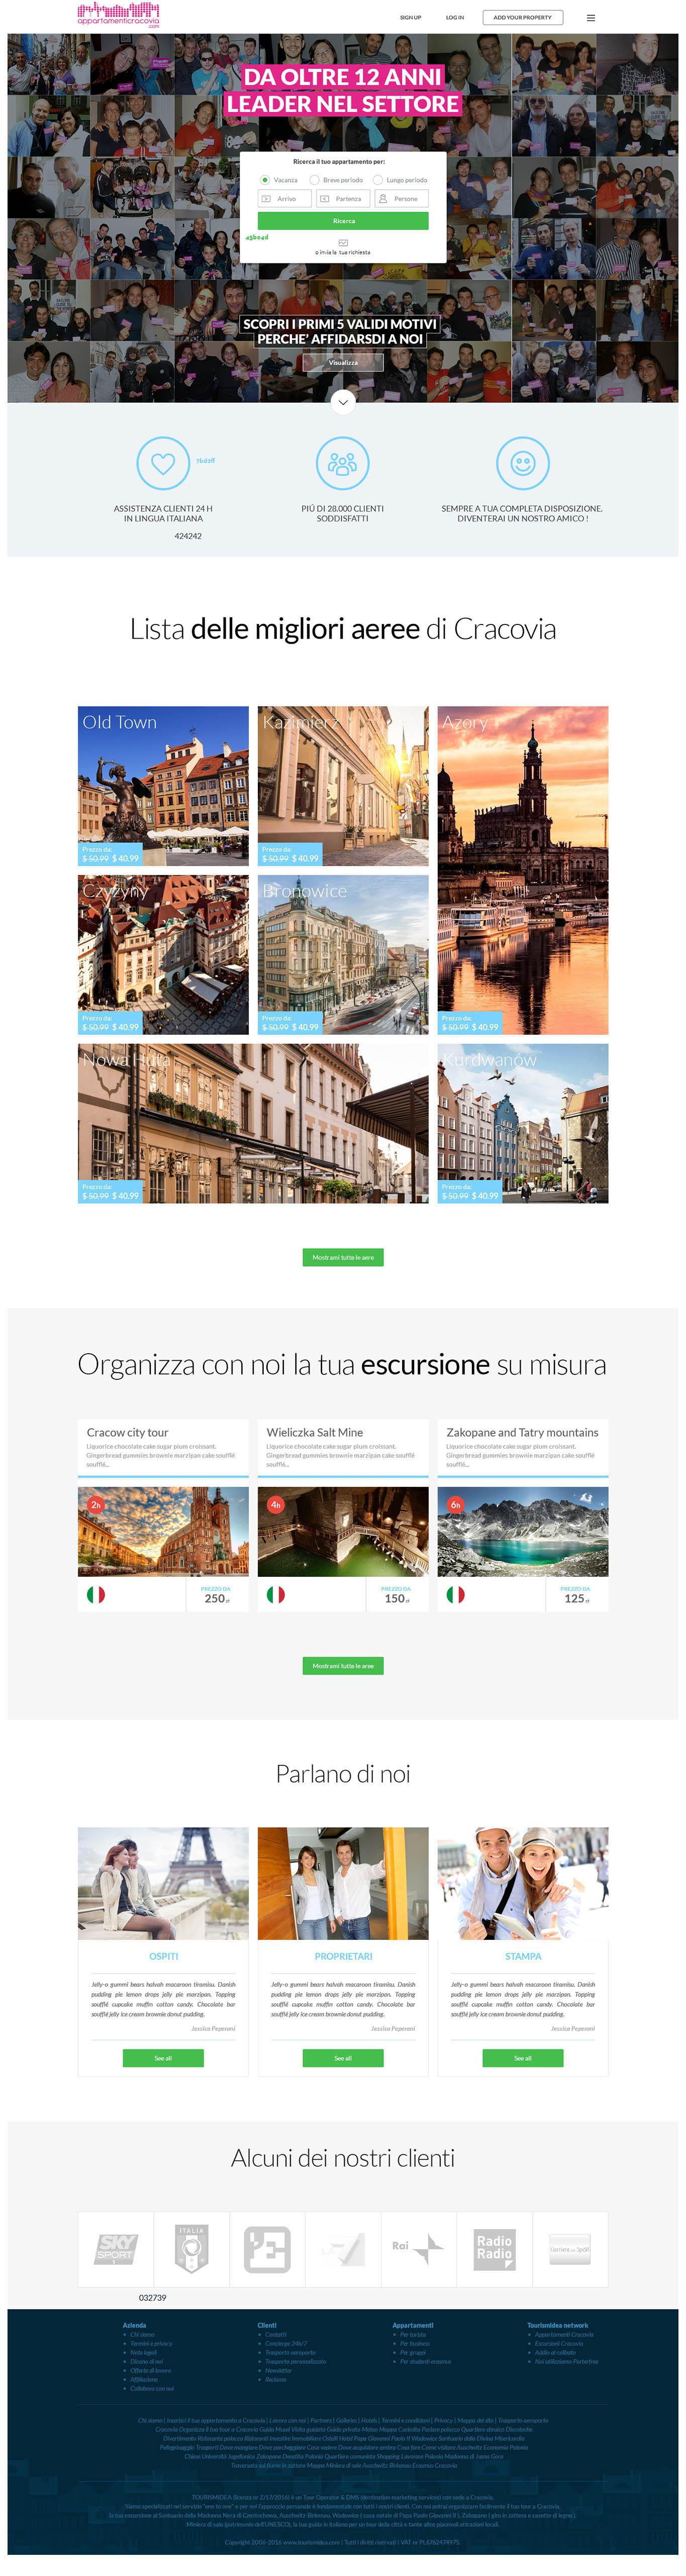 pixels can talk web appartamenti cracovia 02